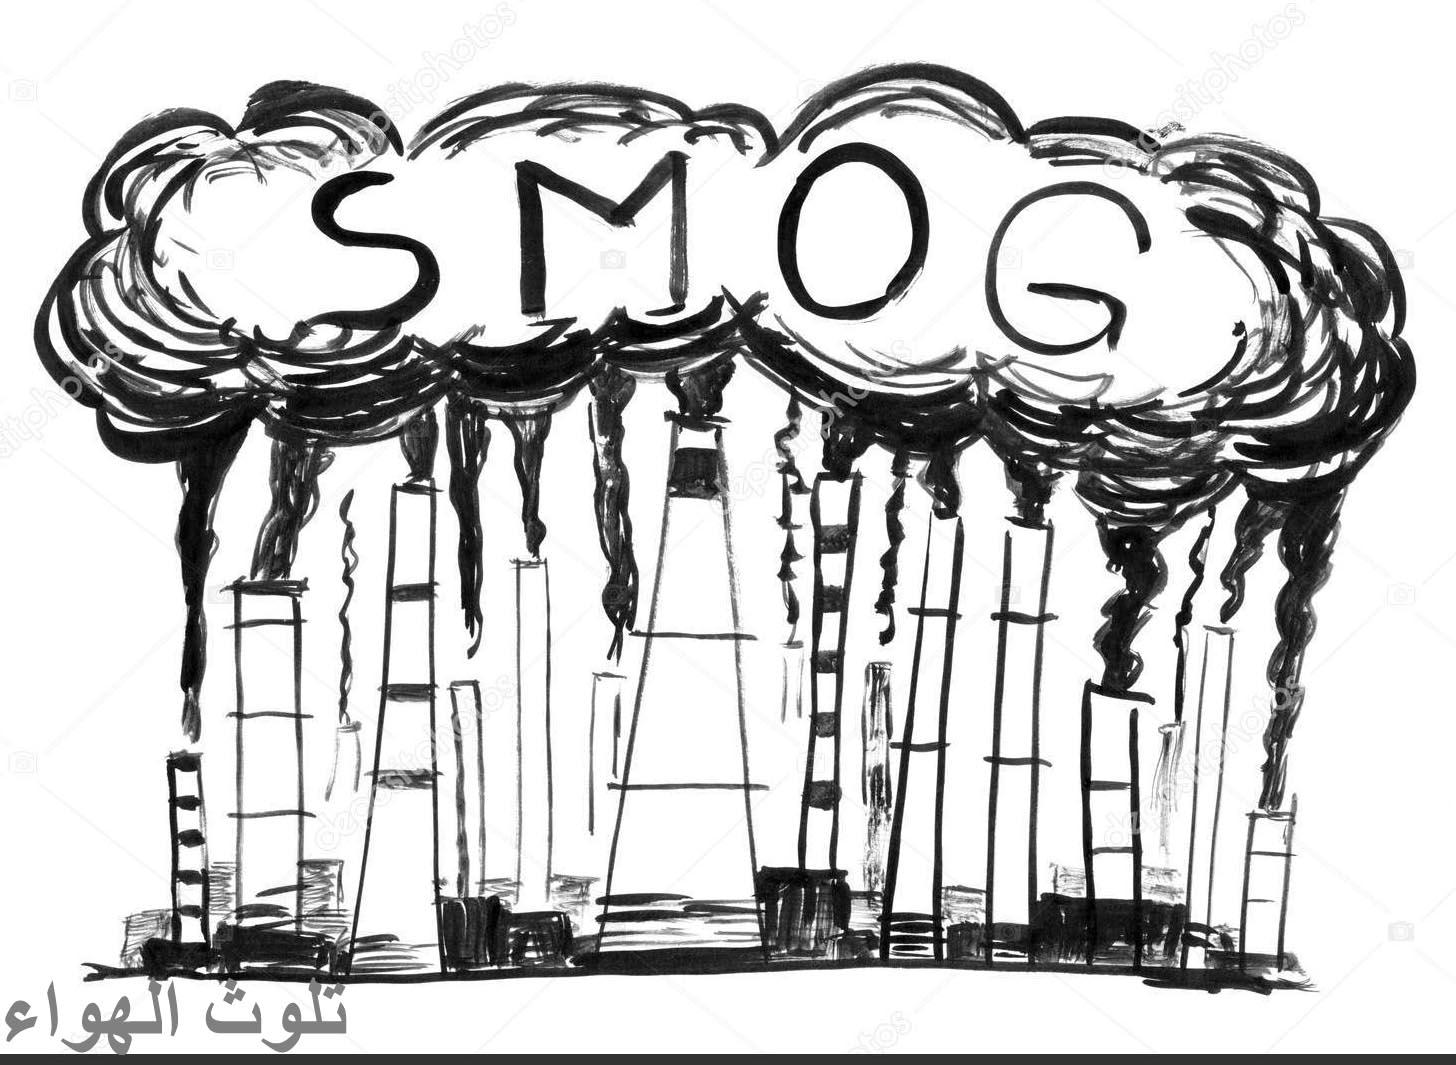 موضوع رسم عن التلوث البيئي بالقلم الرصاص سهل